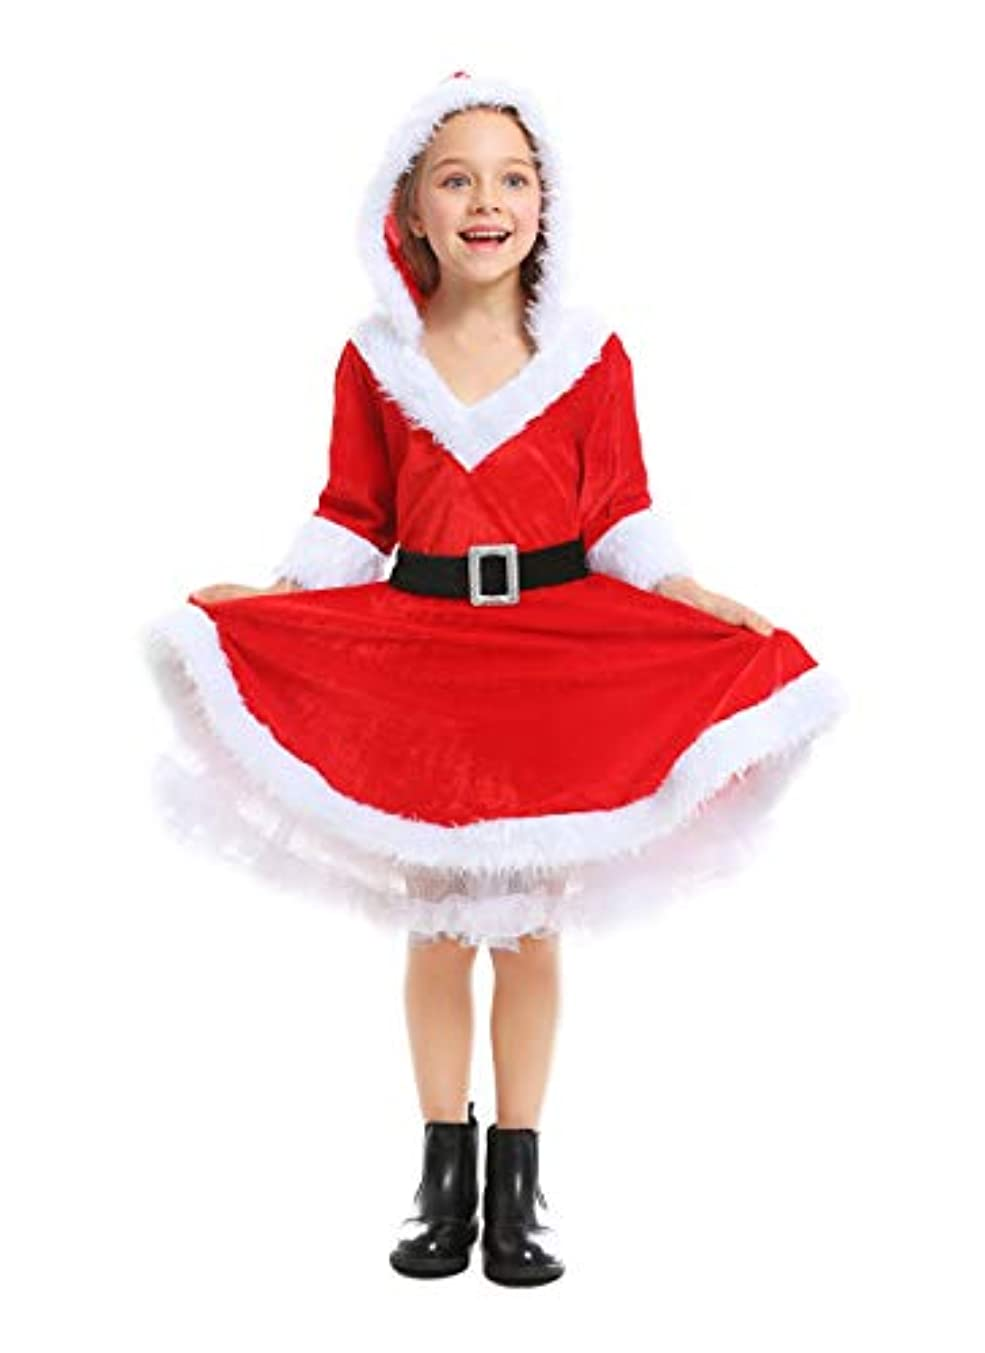 スーツインスタンスどこかS&C Live クリスマス コスプレ クリスマスワンピース キッズ 子供 女の子 帽子付 ベルト付 長袖 ふわふわ もこもこ クリスマス サンタコスプレ サンタ衣装 サンタコスチューム サンタクロース衣装 子供 女の子 サンタクロースコスチューム サンタクロースコスプレ クリスマスサンタコス衣装 Xmasコス#190196 (L)